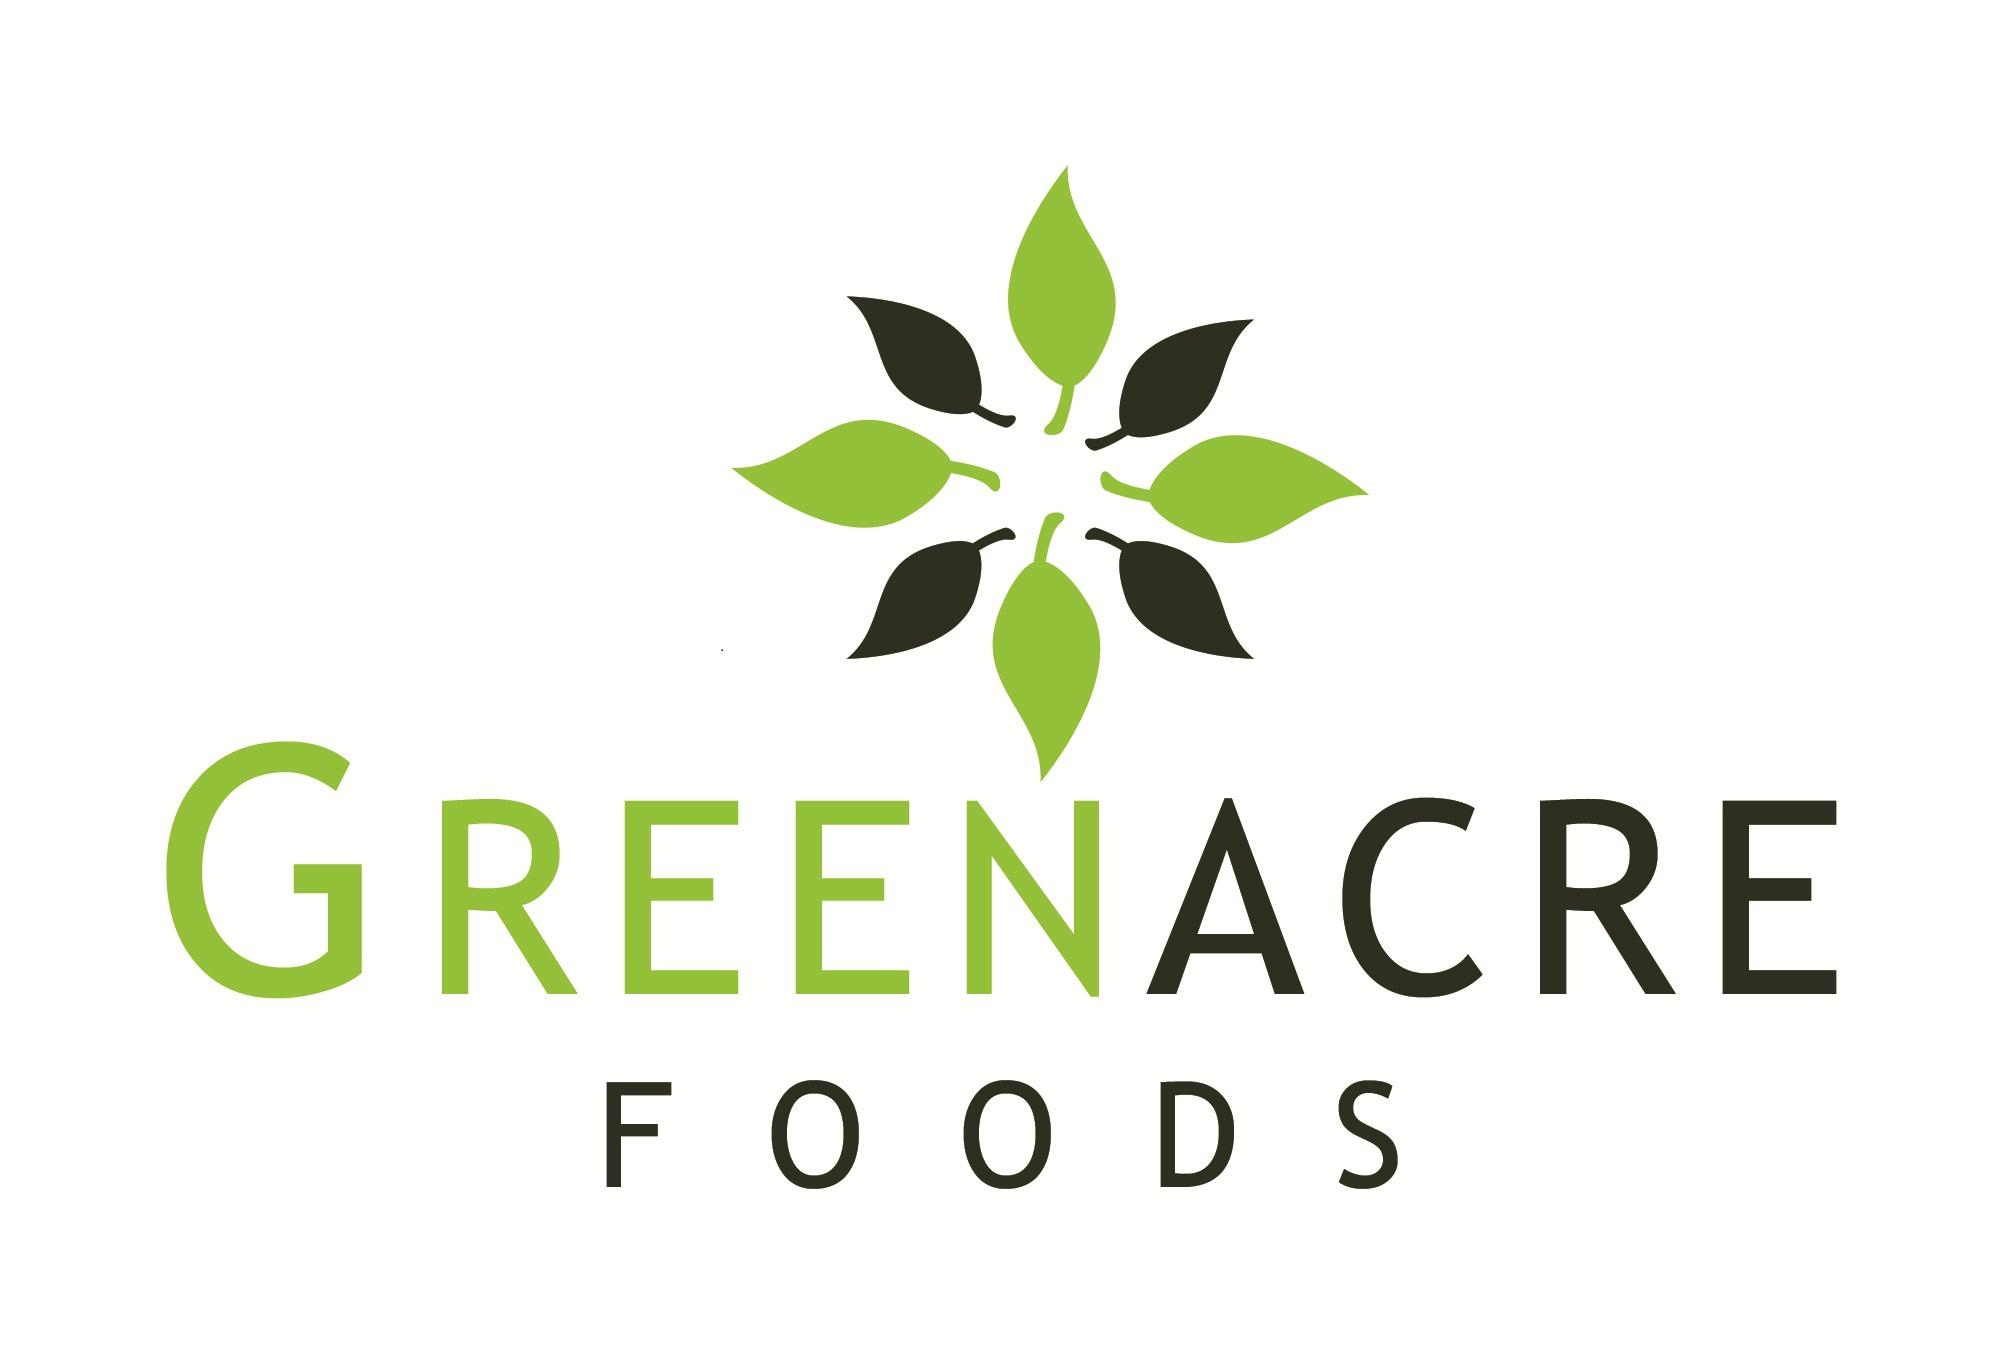 Greenacre Foods